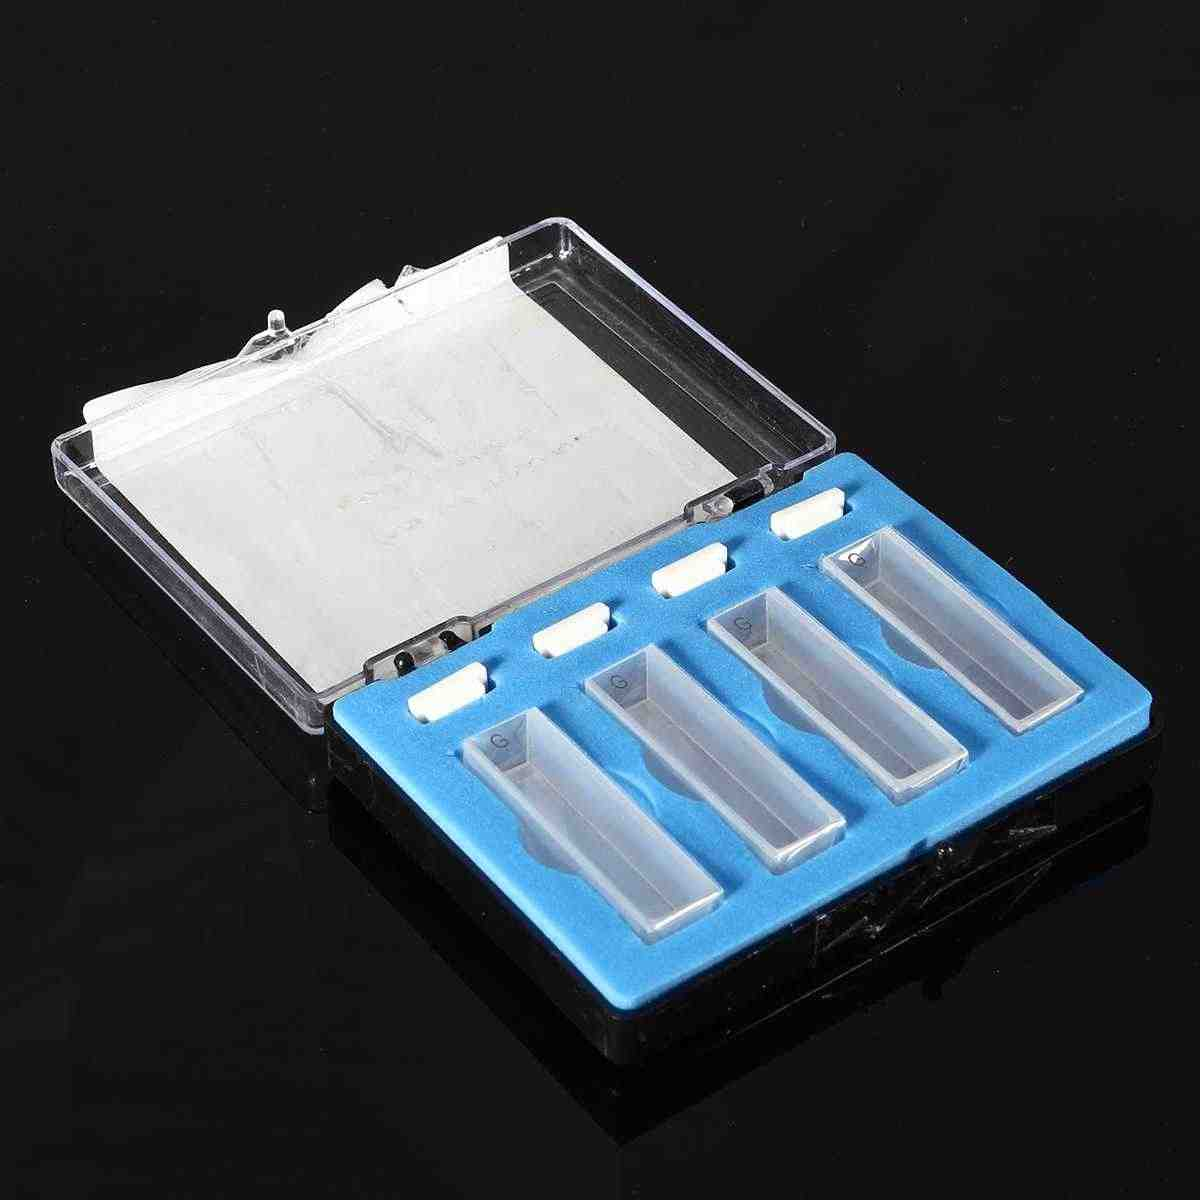 4 unids/set 10mm 3,5 ml espectrofotómetro de cuarzo estándar para la escuela de laboratorio espectrofotómetro de cuarzo Cuvette con caja